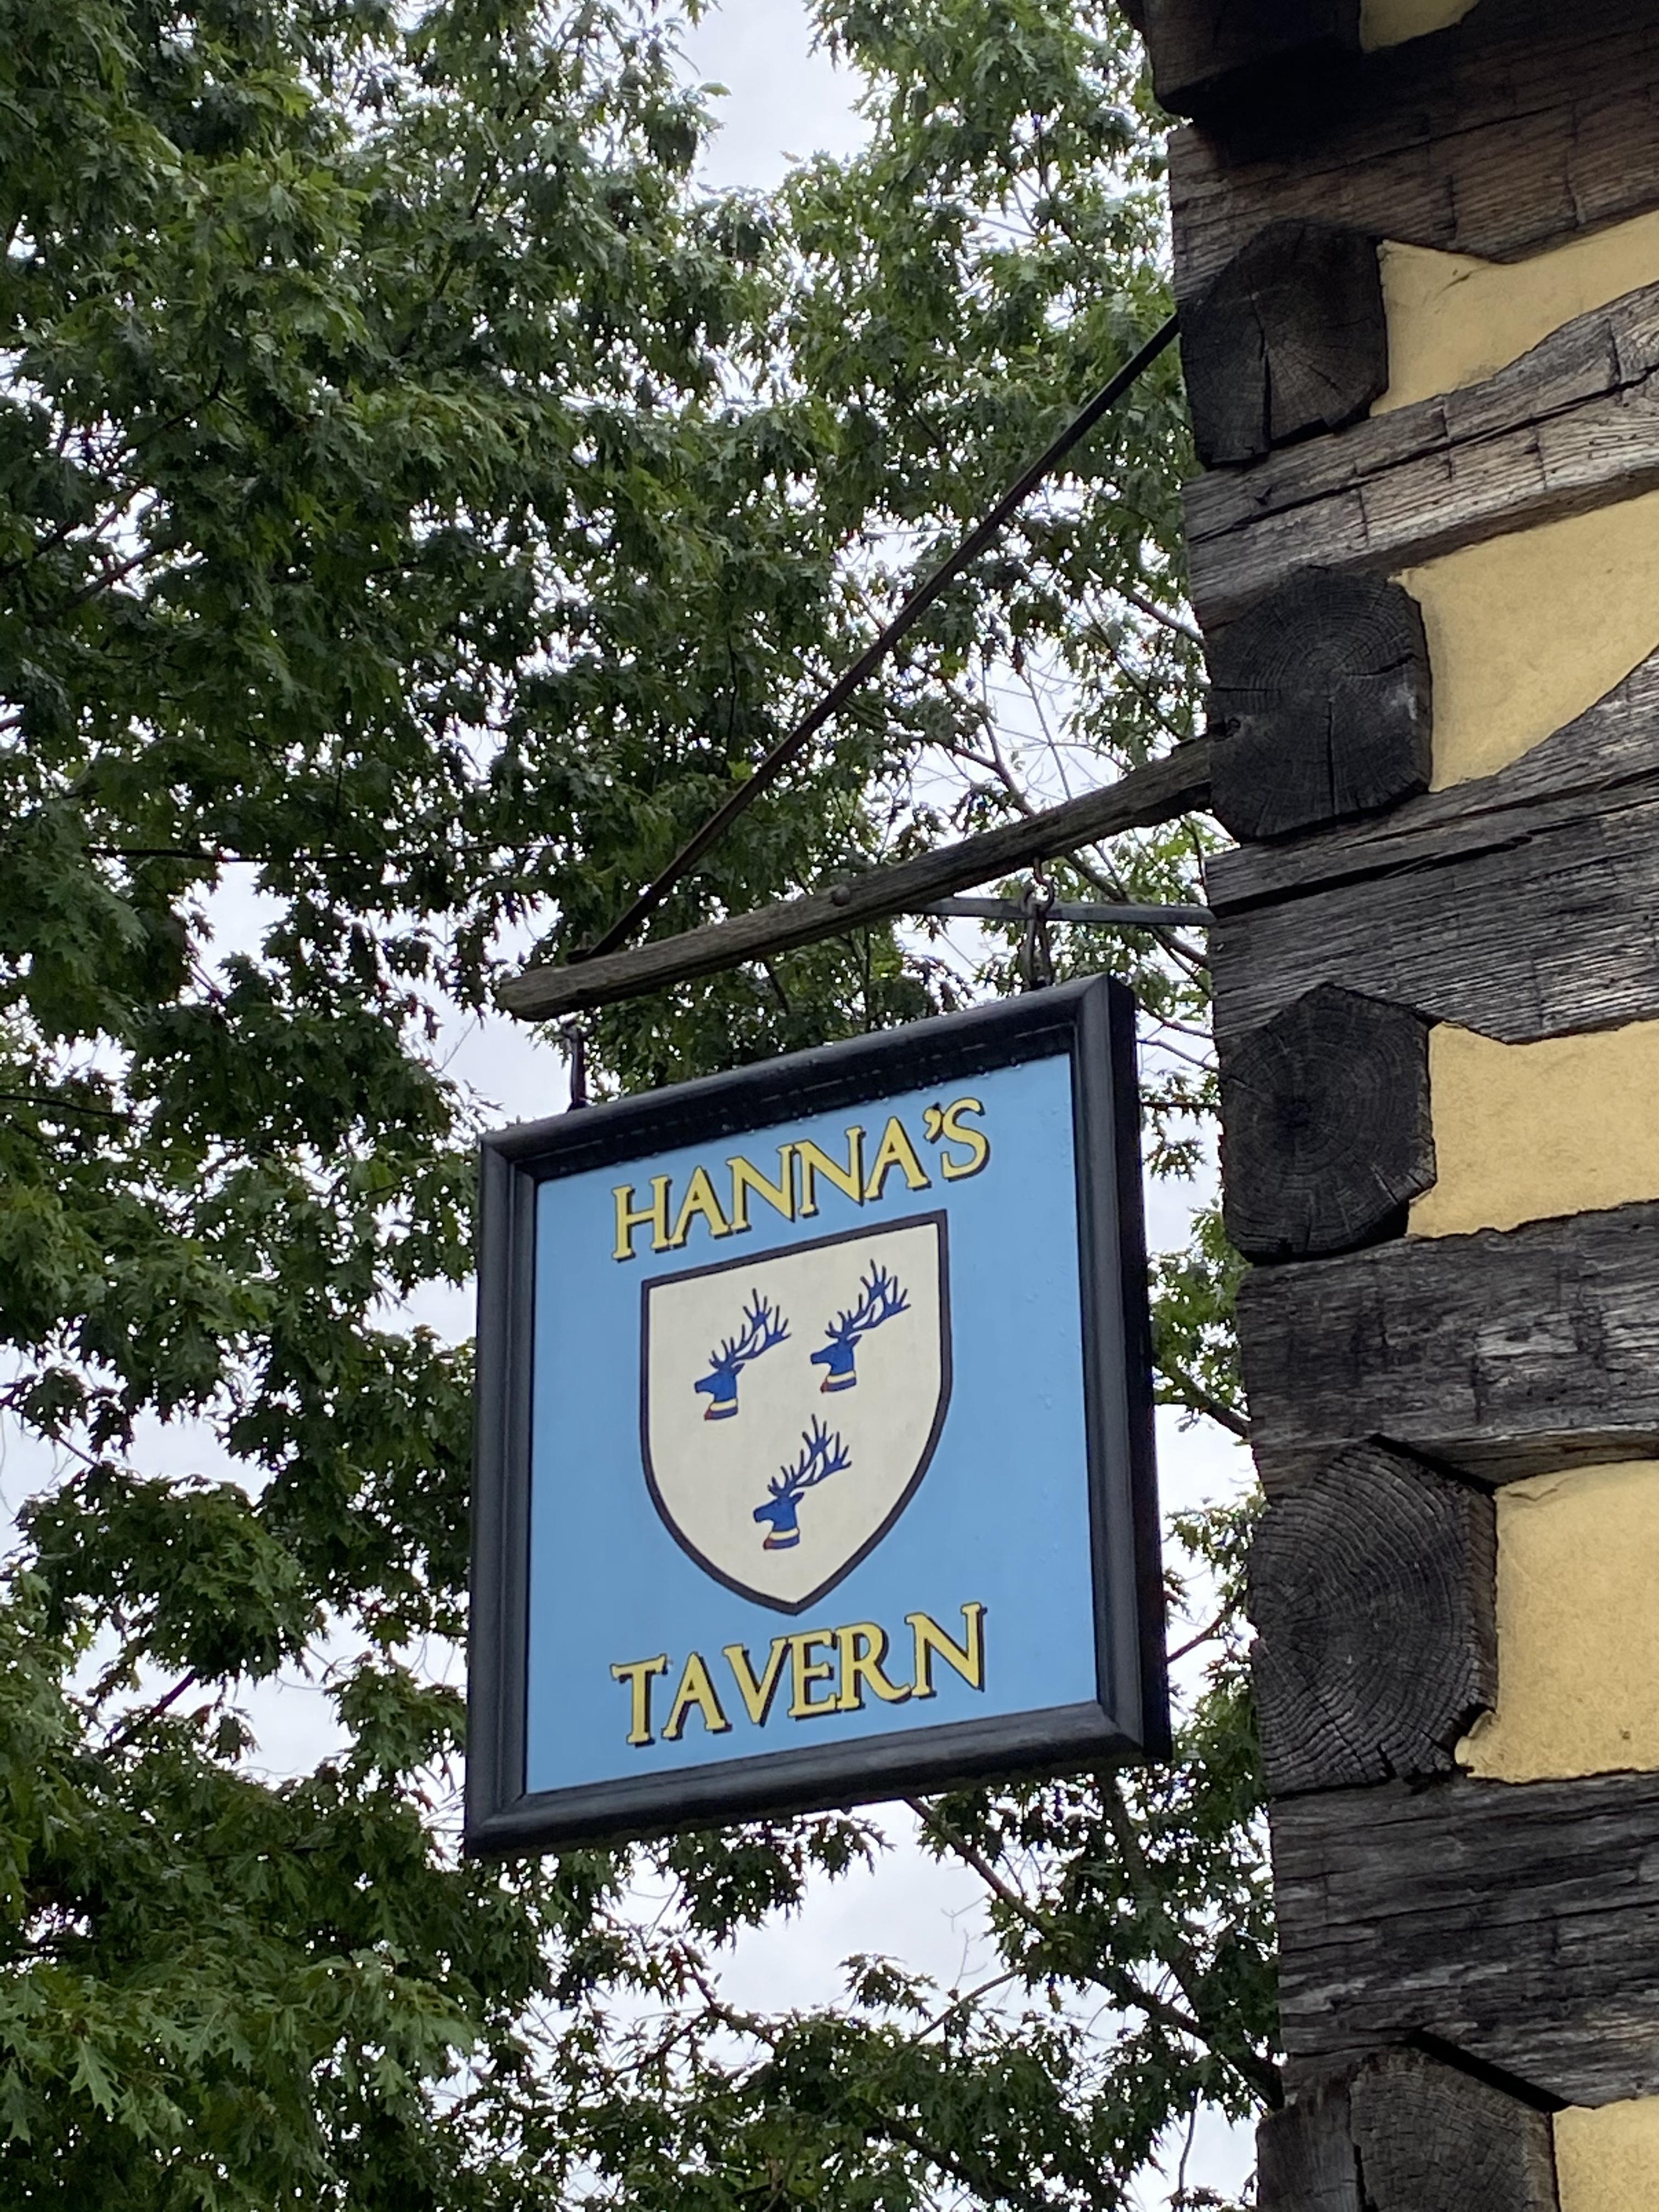 Hanna's Tavern sign